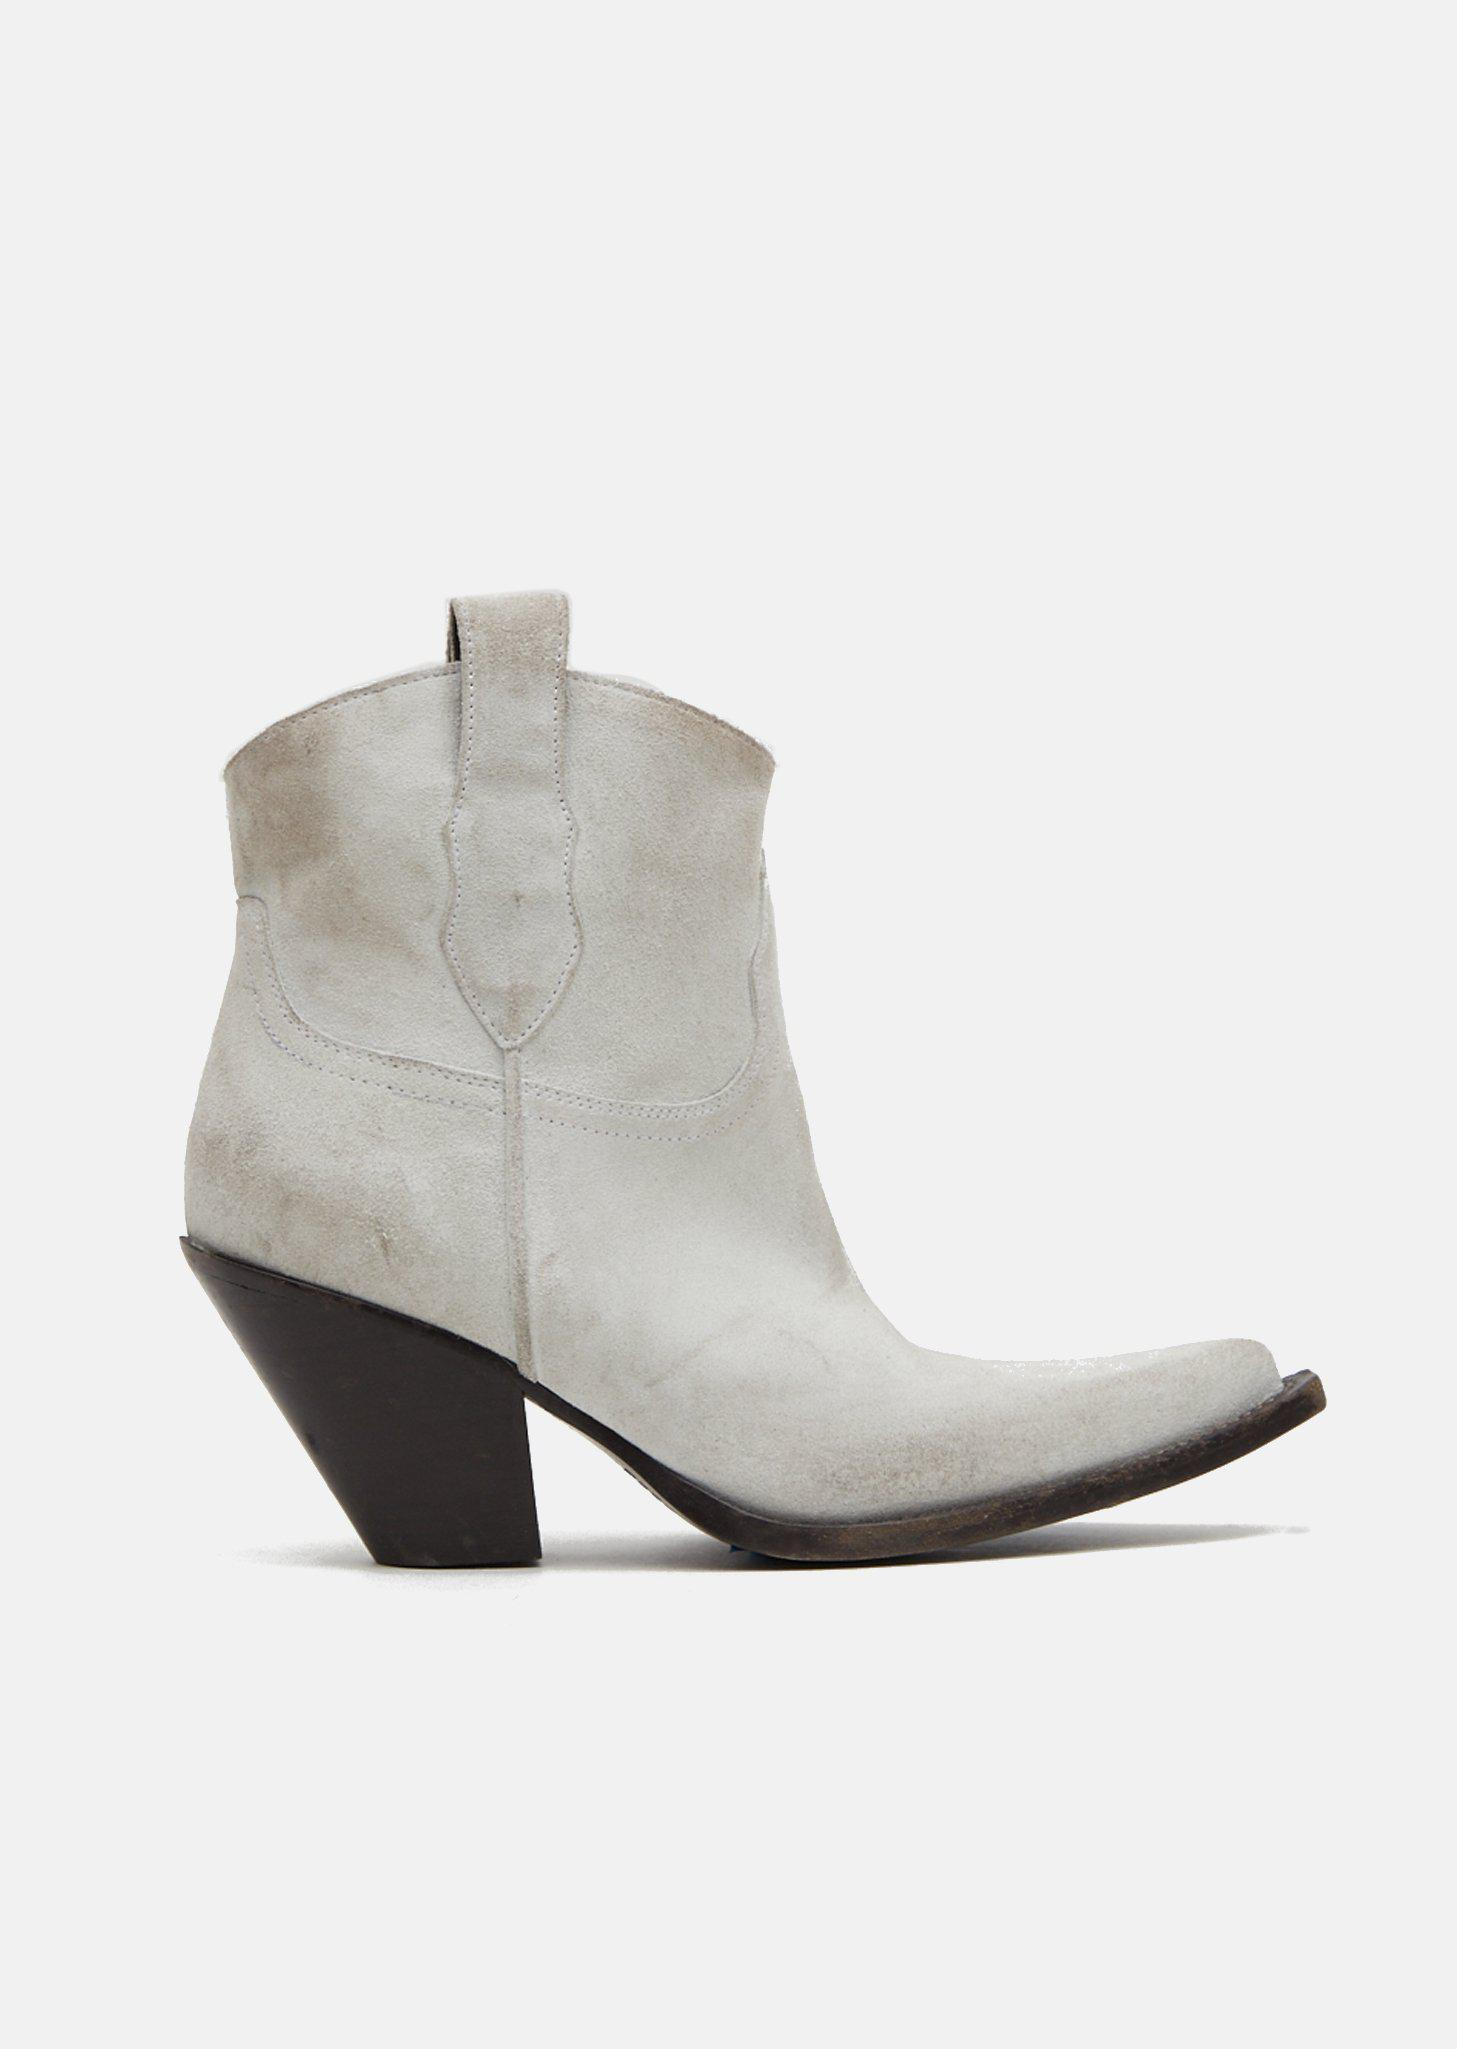 Maison Margiela Black Low Mexas Boots À Vendre Livraison Gratuite L9mTX2rV